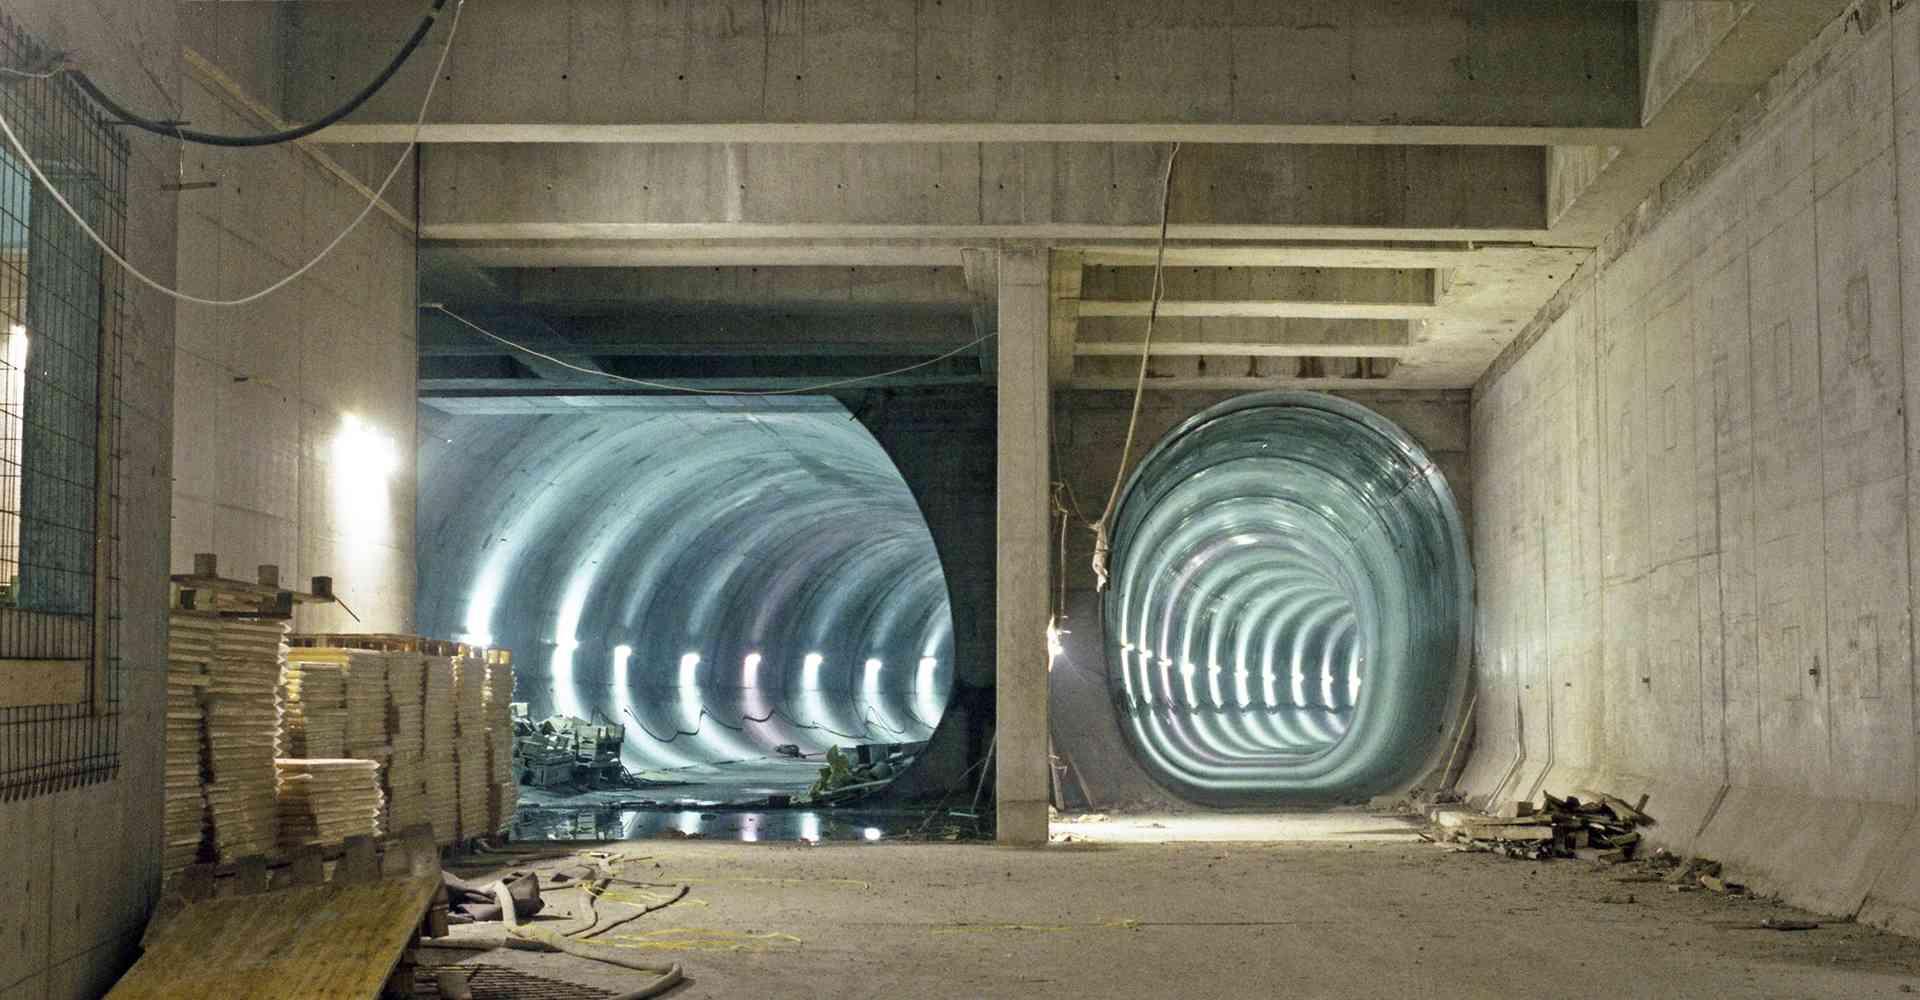 Tunnelröhren bei der Station Philadelphiabrücke (heute Bahnhof Meidling) im Jahr 1986. Drei Jahre später ging die Strecke in Betrieb.